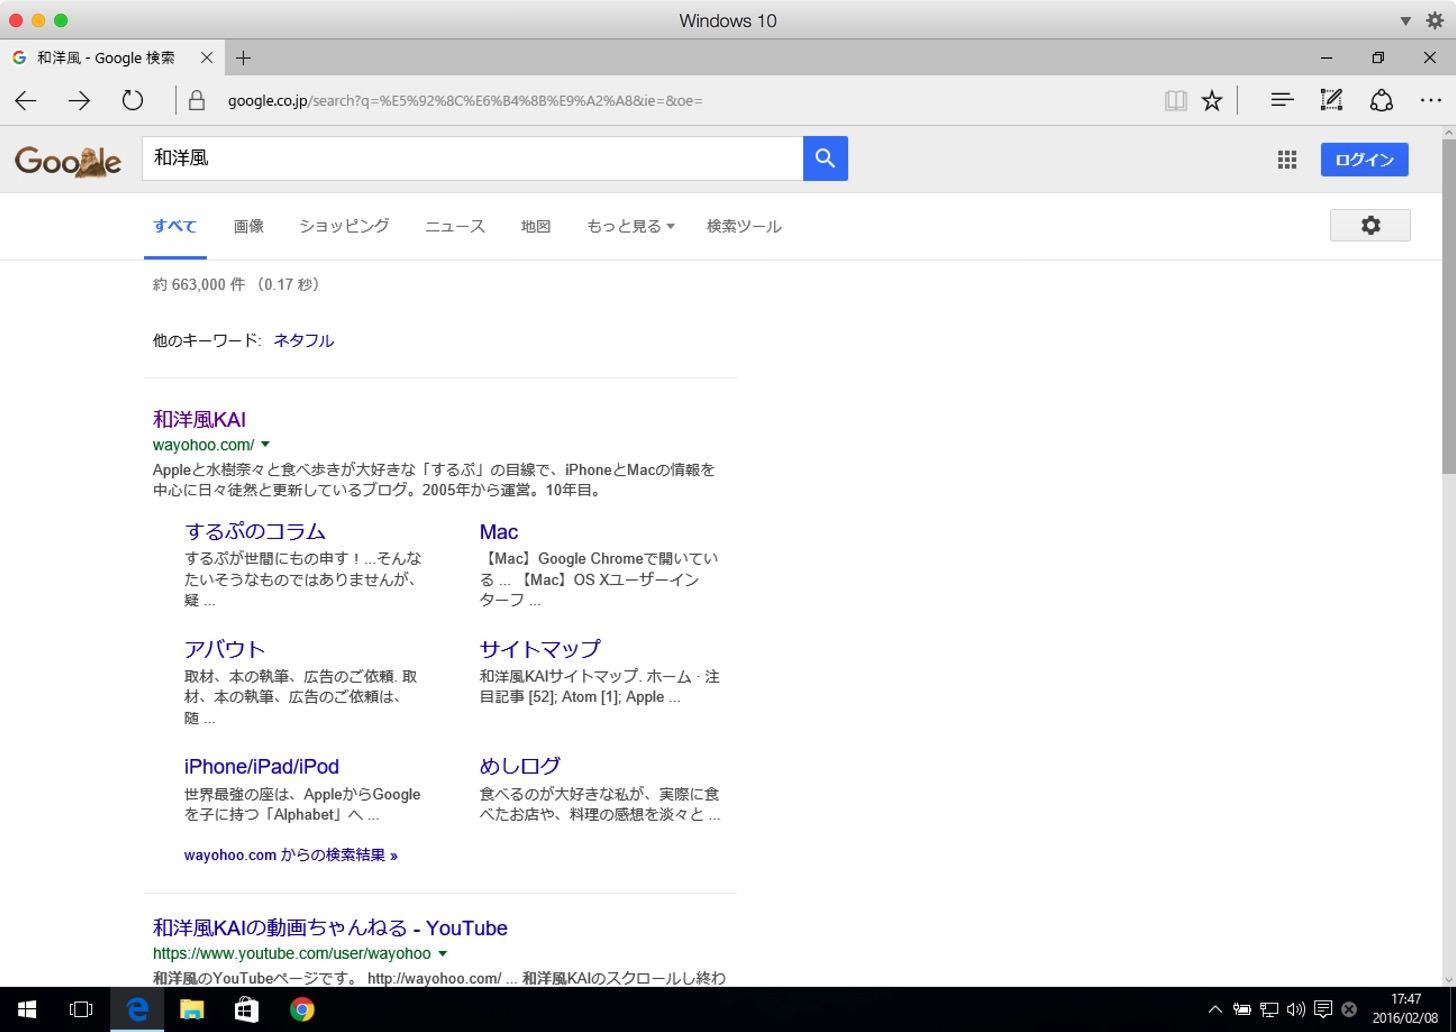 和洋風を検索してみるとGoogleで検索できることがわかります。